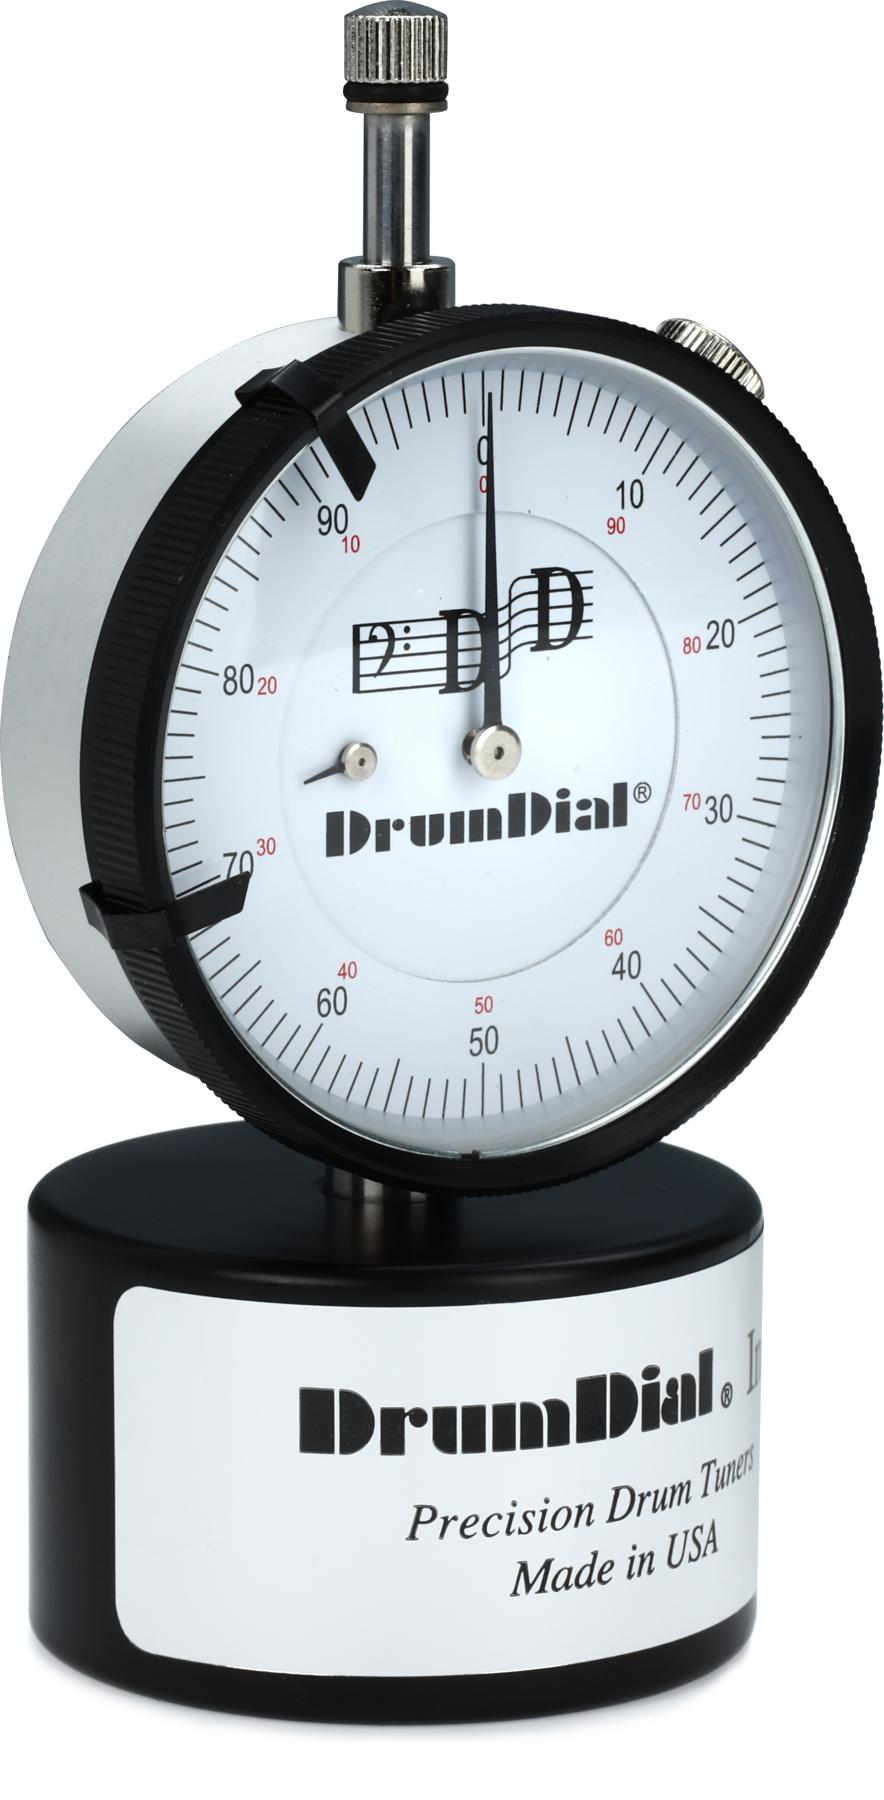 1. DrumDial Precision Drum Tuner